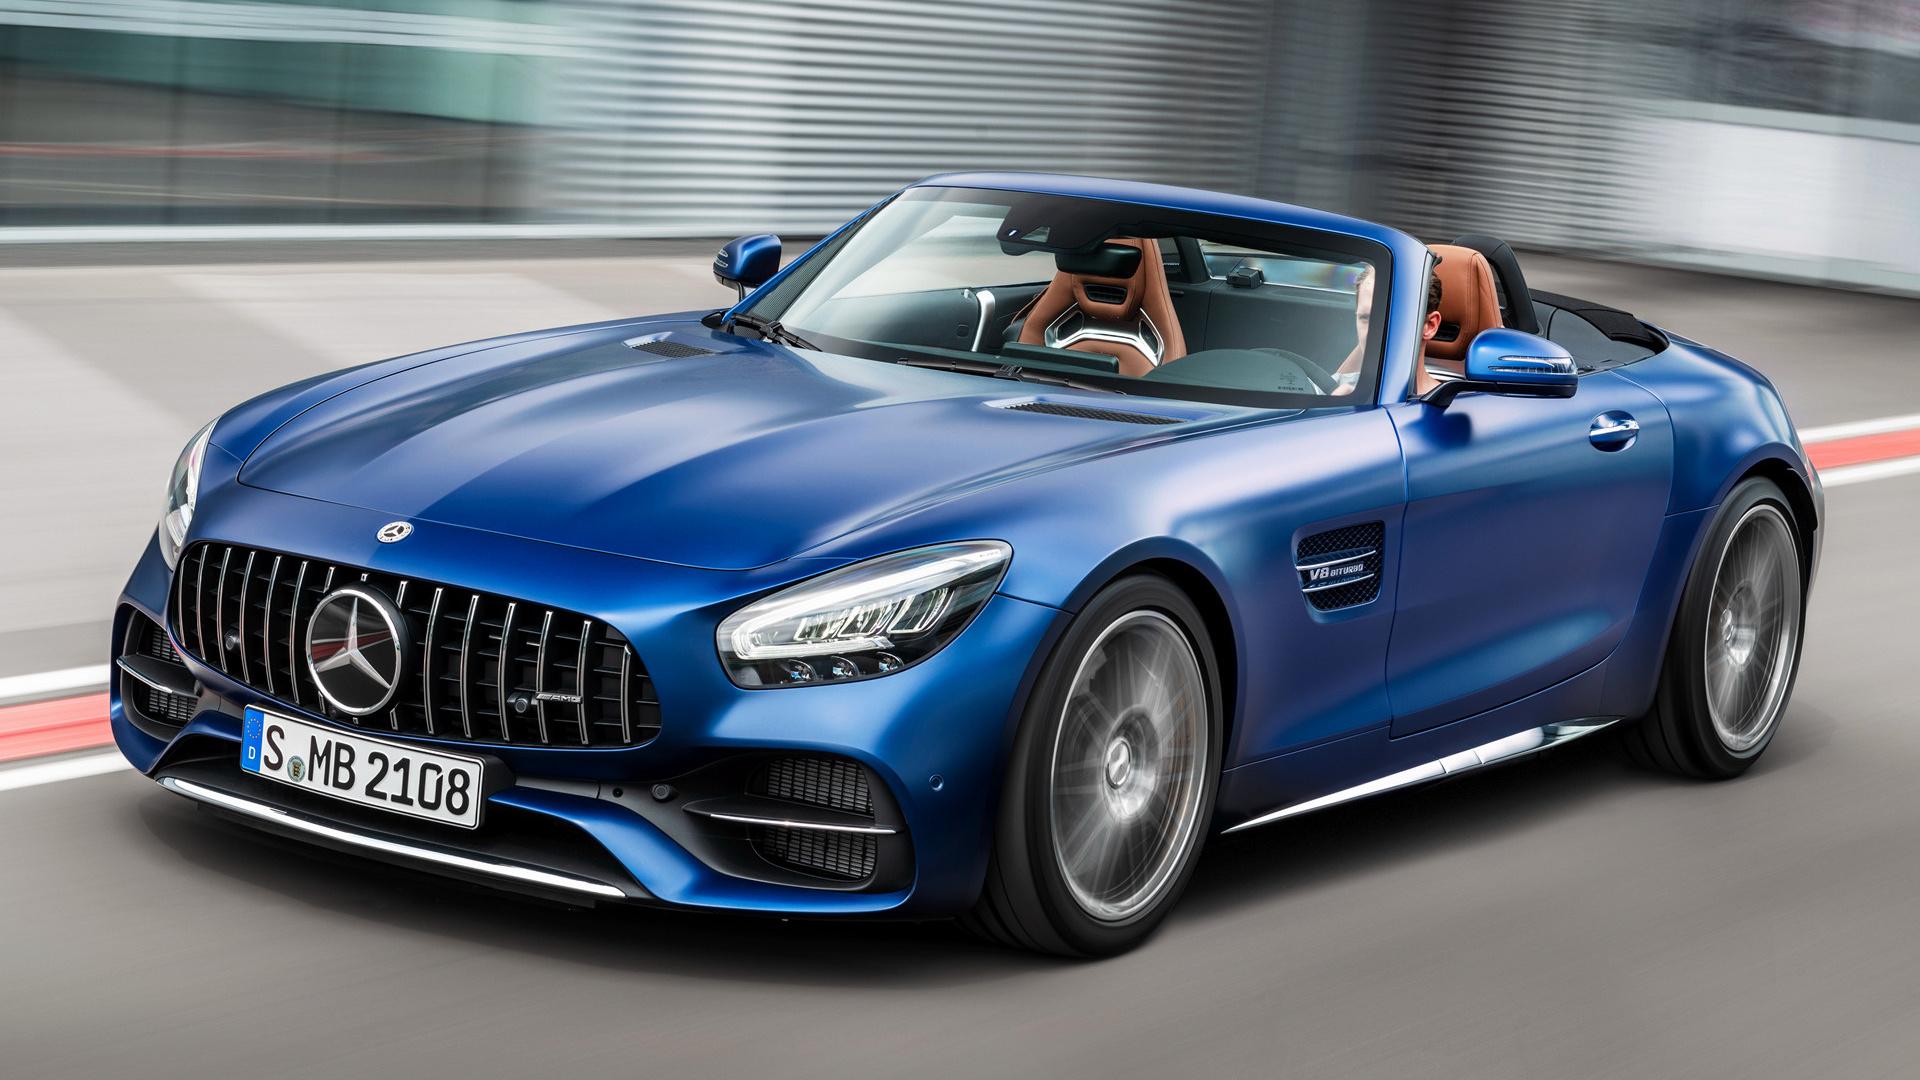 2019 Mercedes-AMG GT C Roadster - Fonds d'écran et images ...